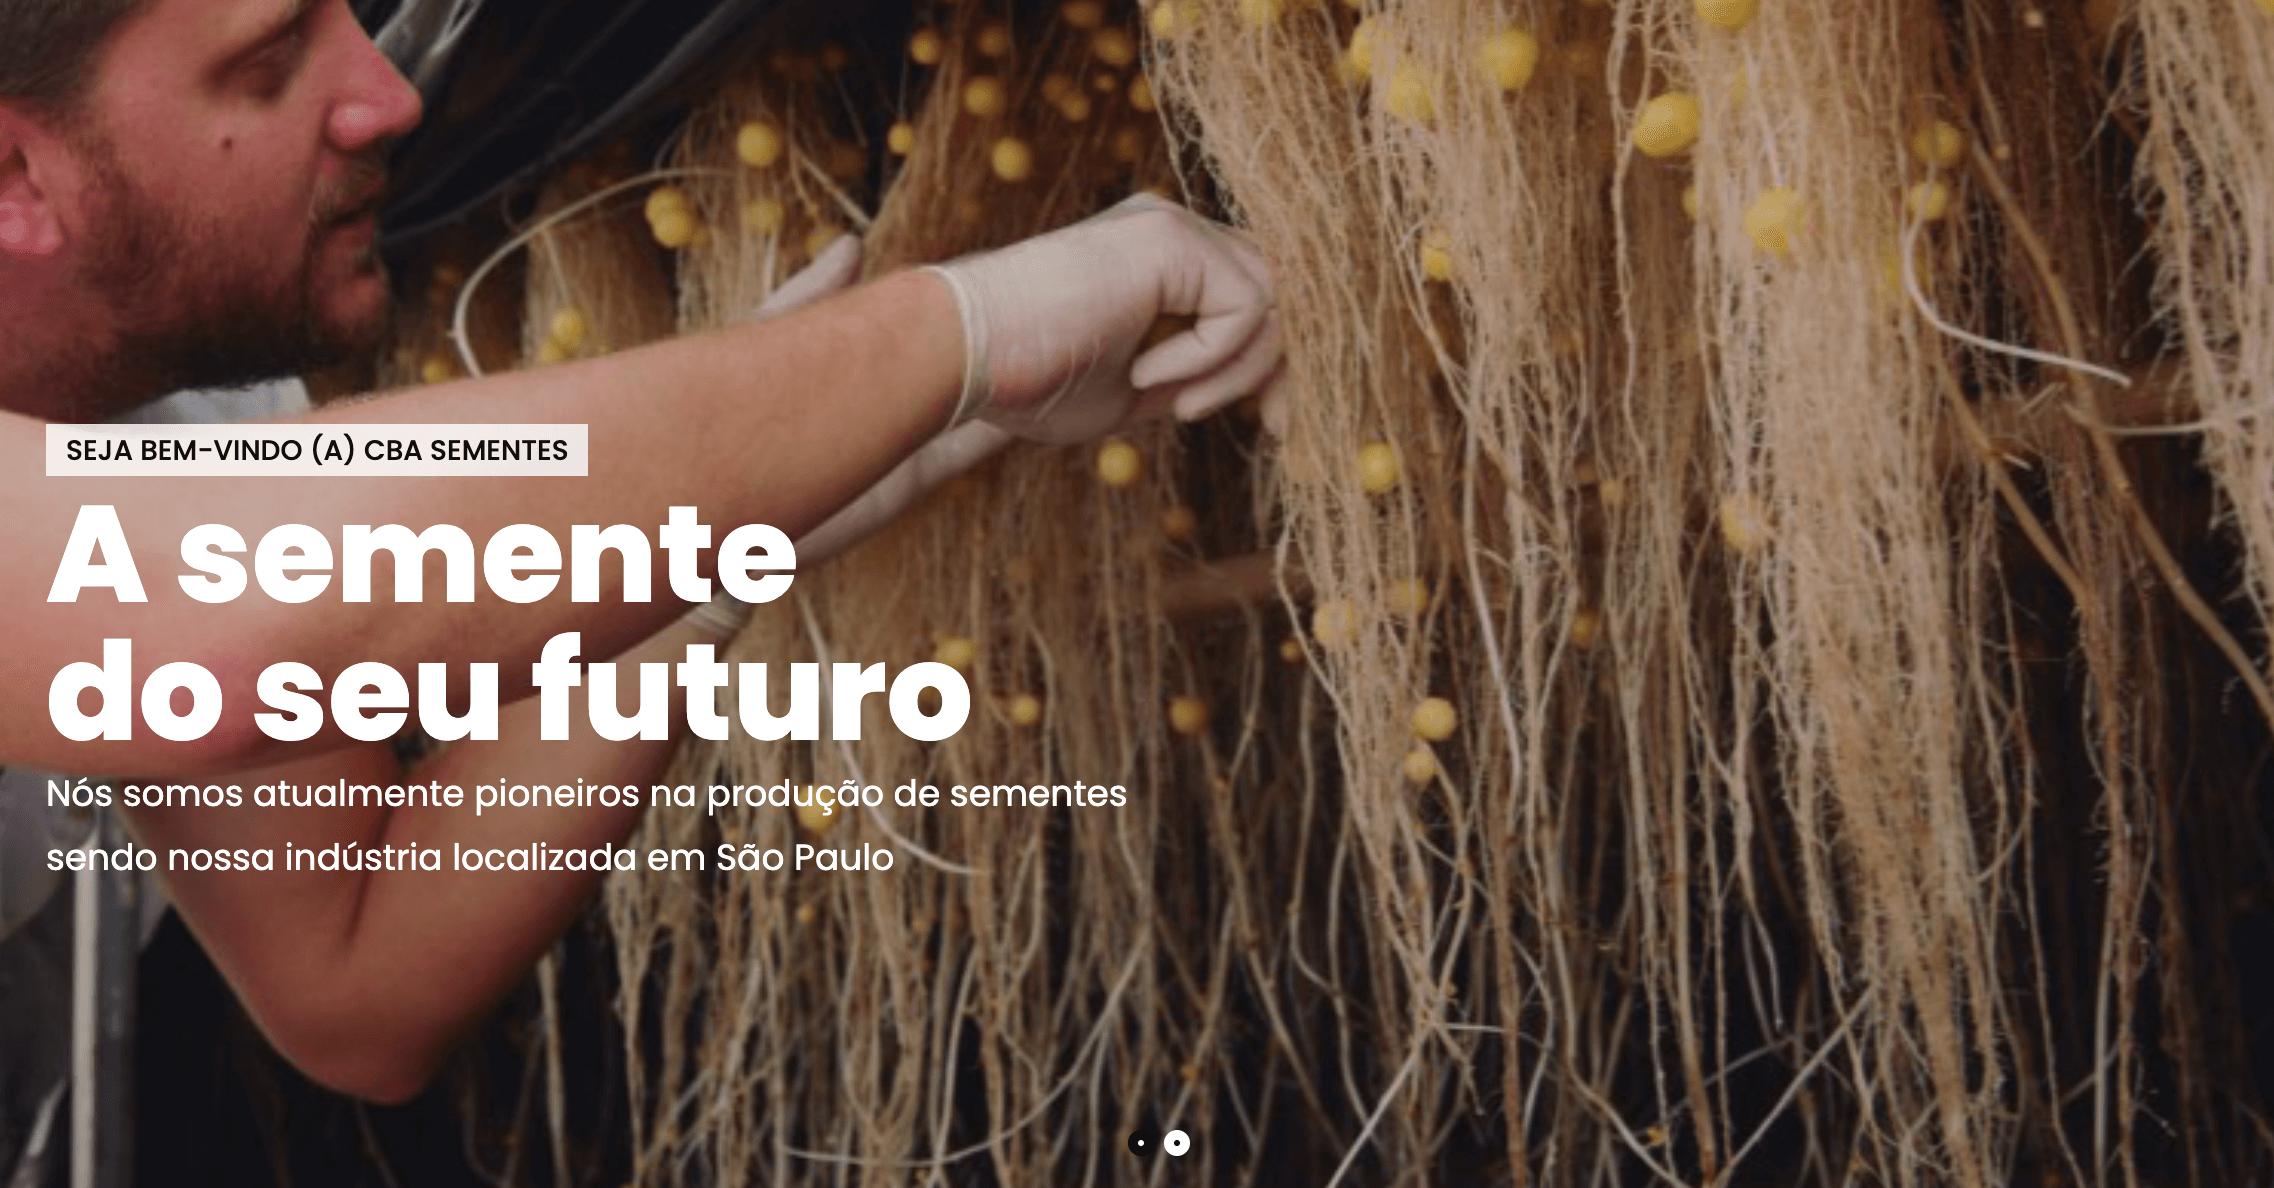 空中でジャガイモが育つ栽培技術「エアロポニック」とは。病原体フリーの種イモを農家に届ける企業、CBA sementes を紹介します